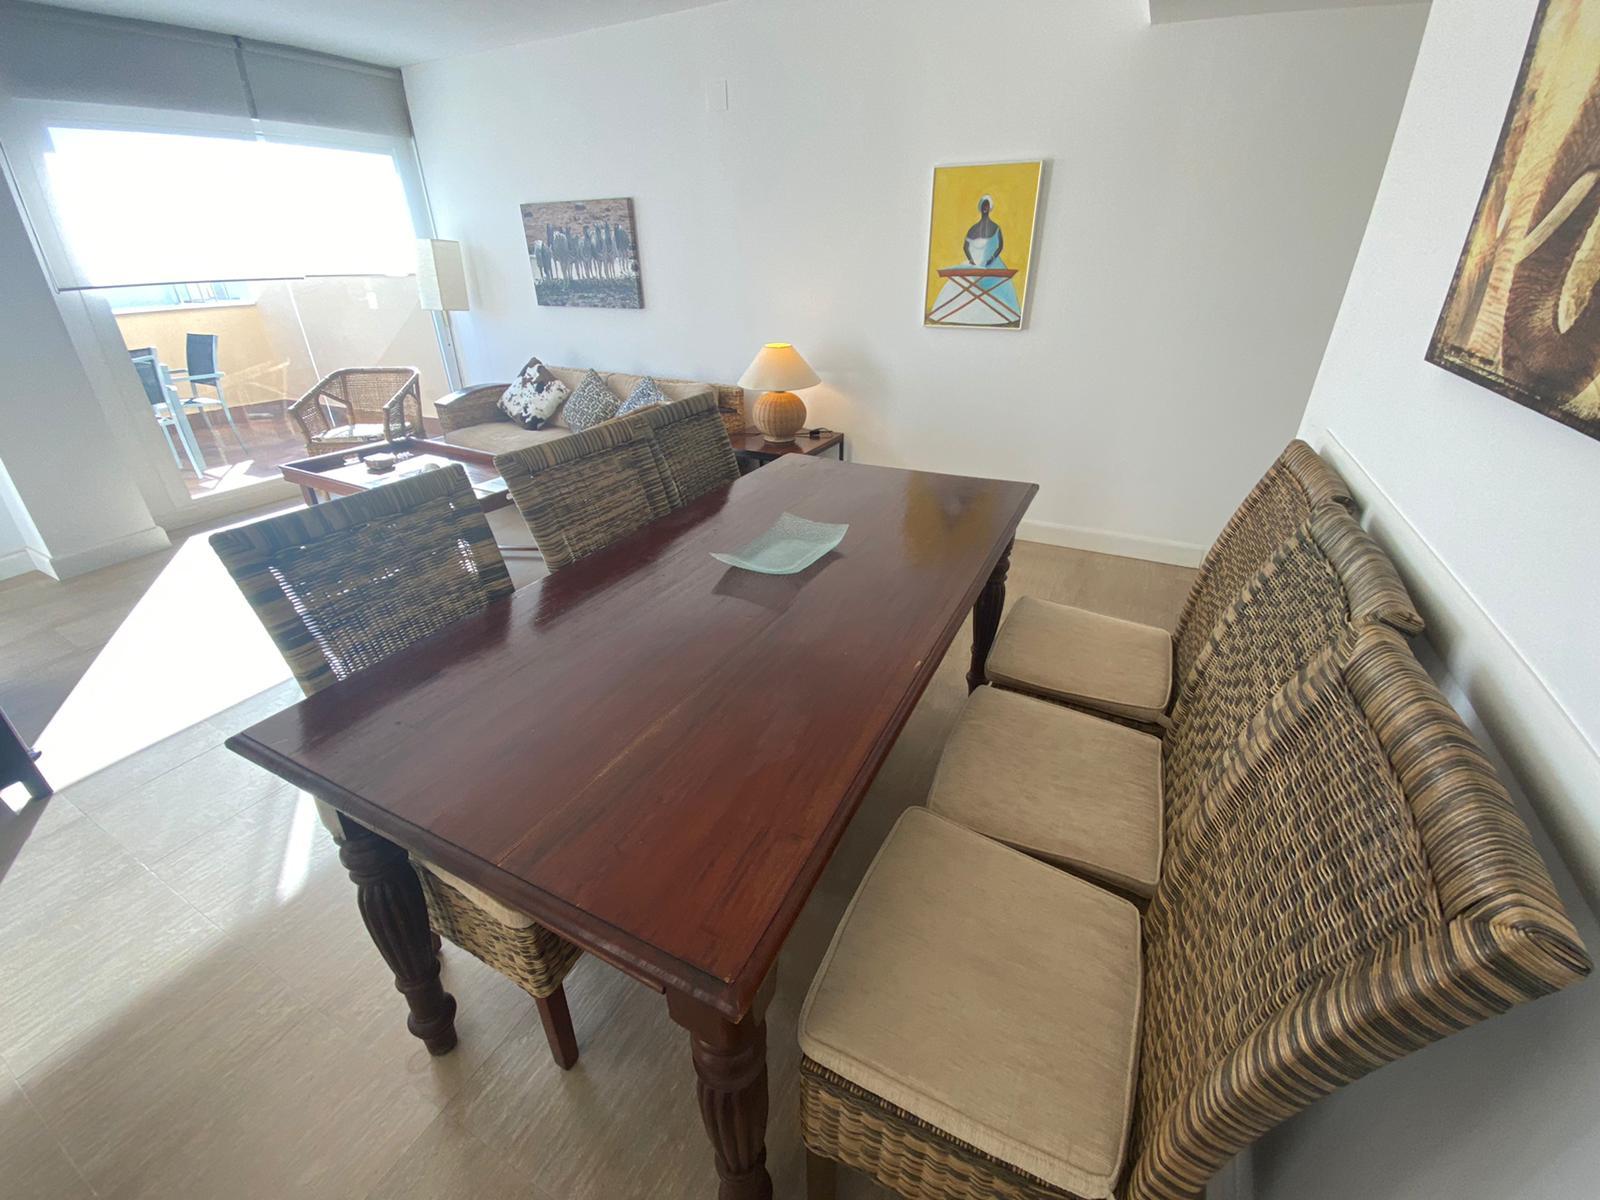 Imagen 17 del Apartamento Turístico, Ático 1 Levante (3d+2b), Punta del Moral (HUELVA), Paseo de la Cruz nº22